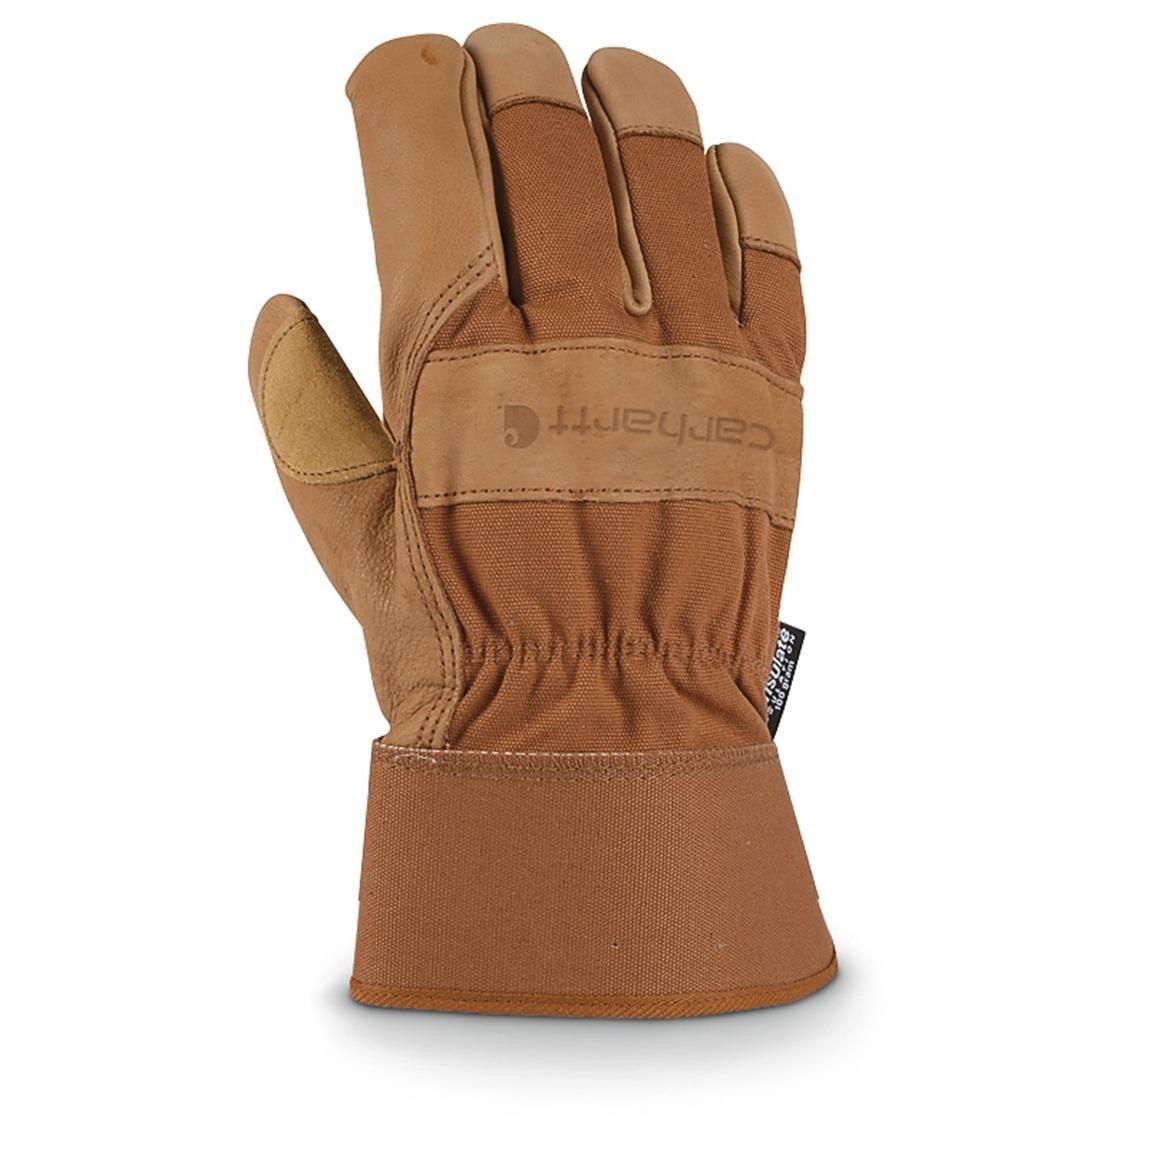 Leather work gloves best - Carhartt 100 Gram Thinsulate Insulated Grain Leather Work Gloves Brown